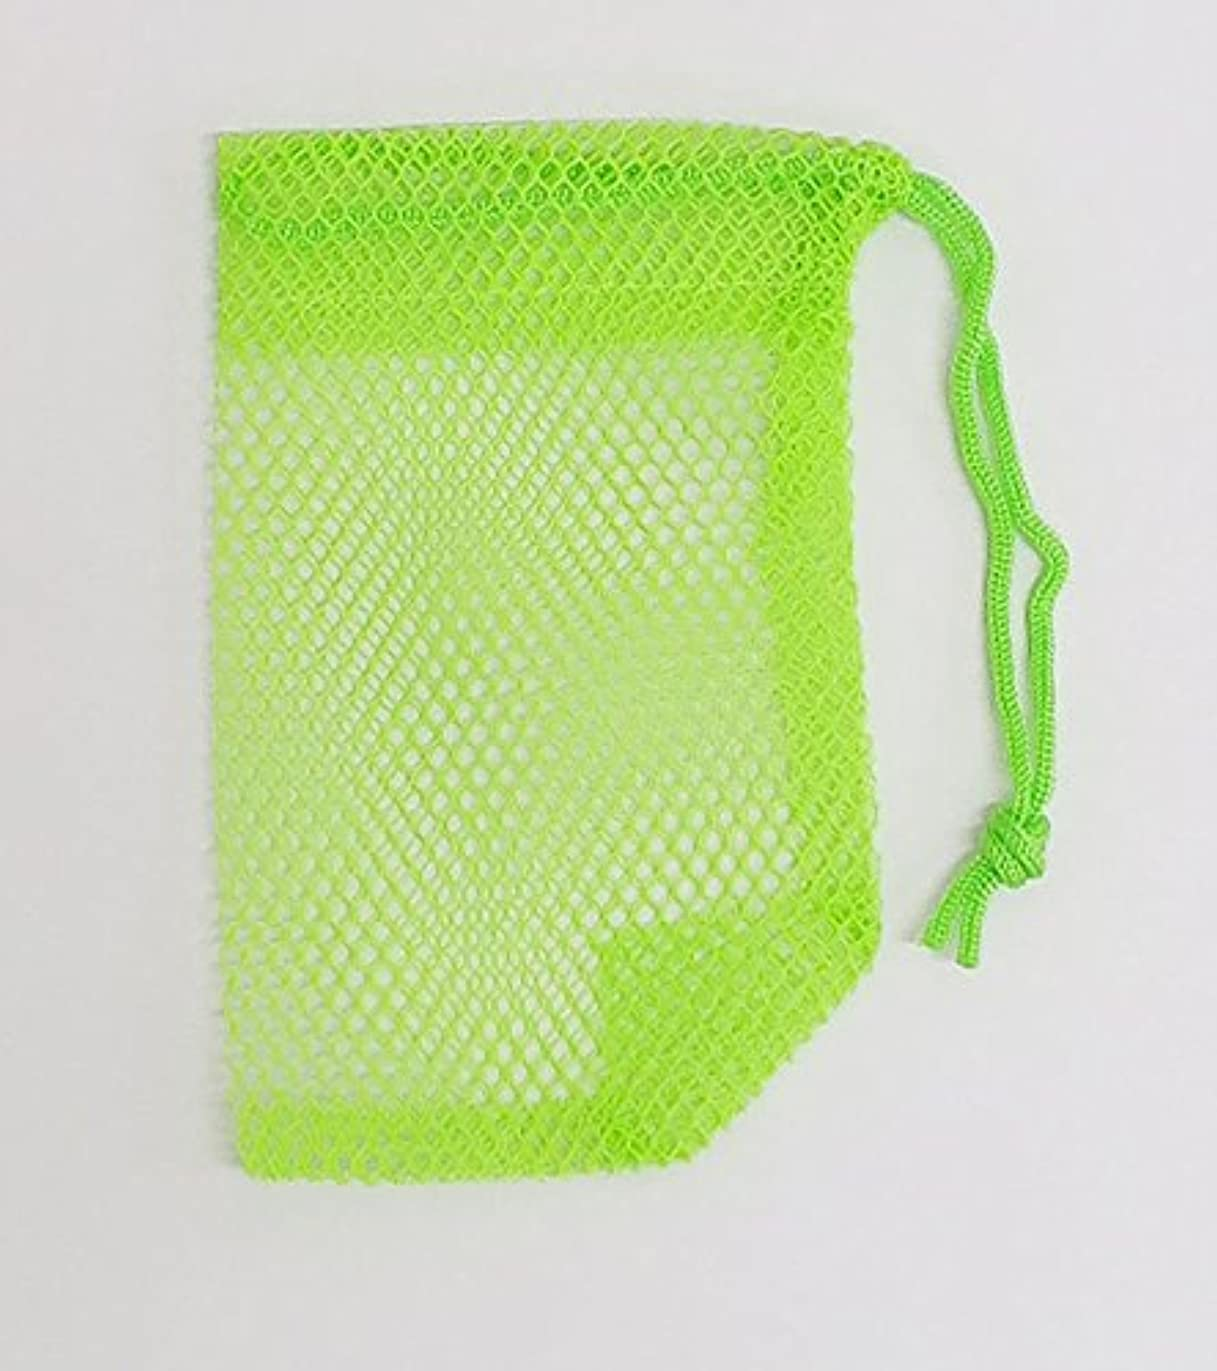 象ラッドヤードキップリングミニチュア石けんネット ひもタイプ 20枚組 グリーン